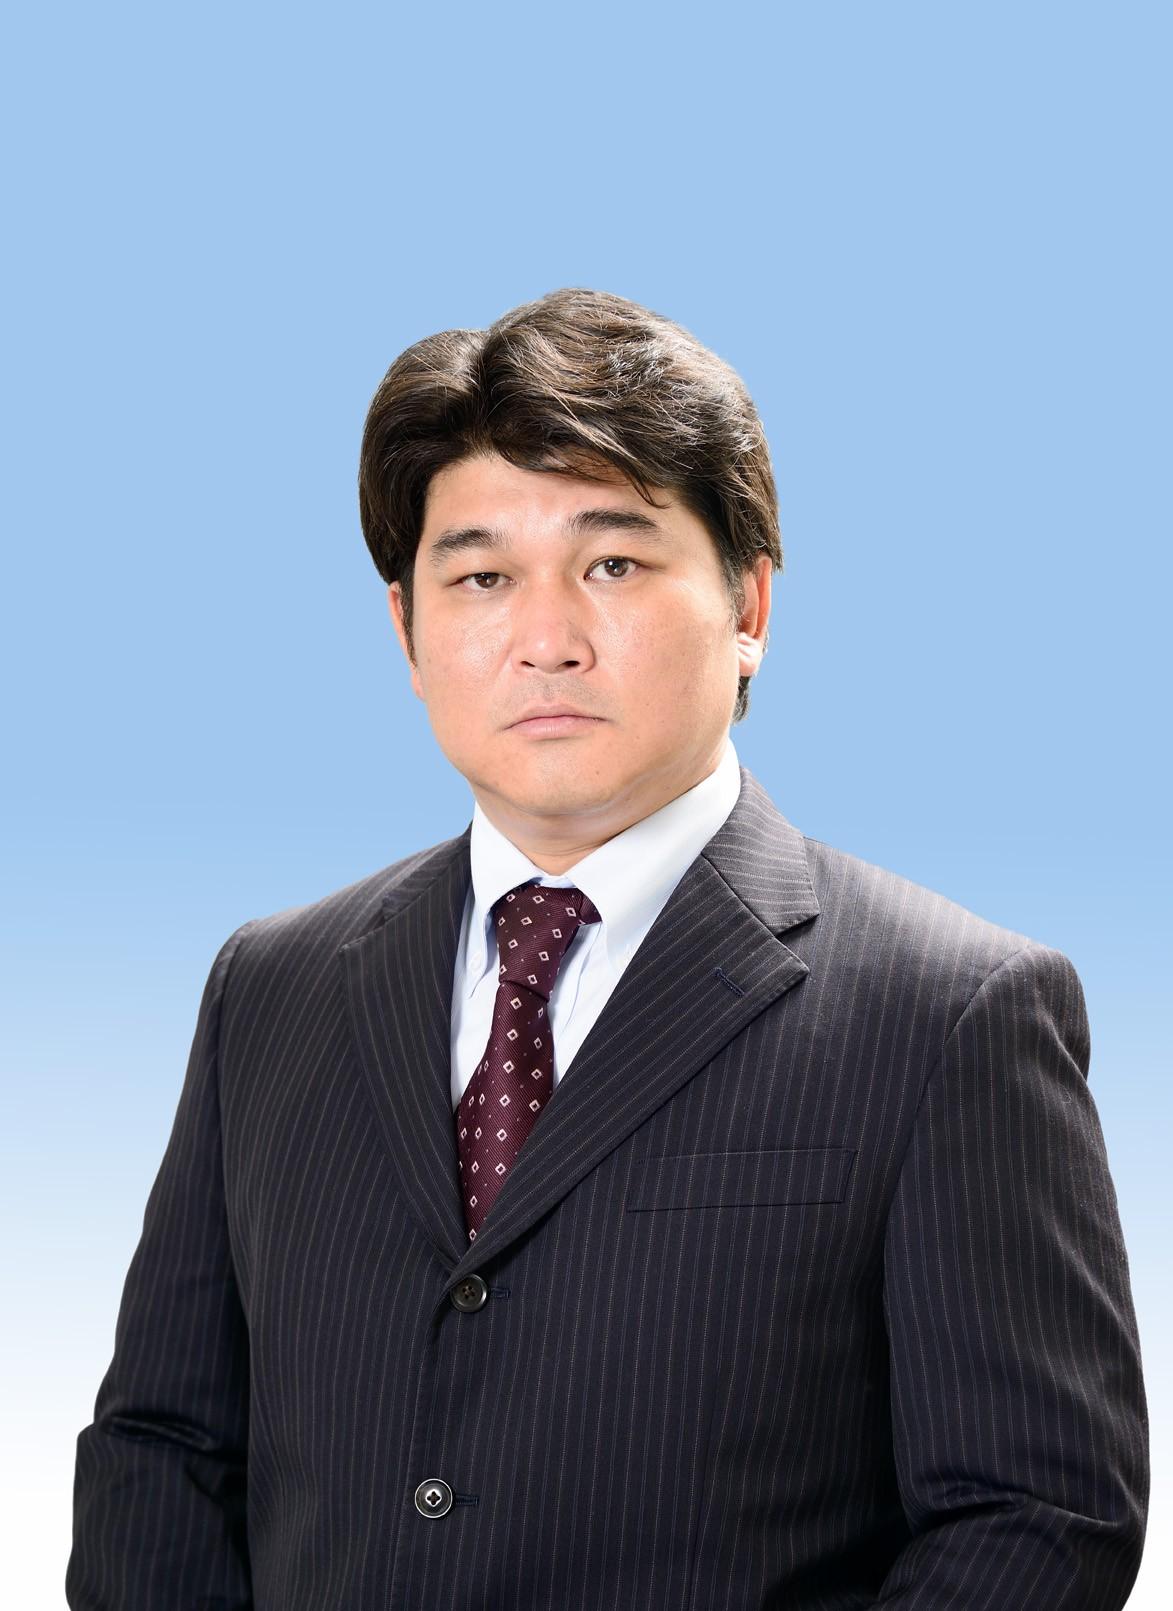 株式会社三美堂の代表者写真